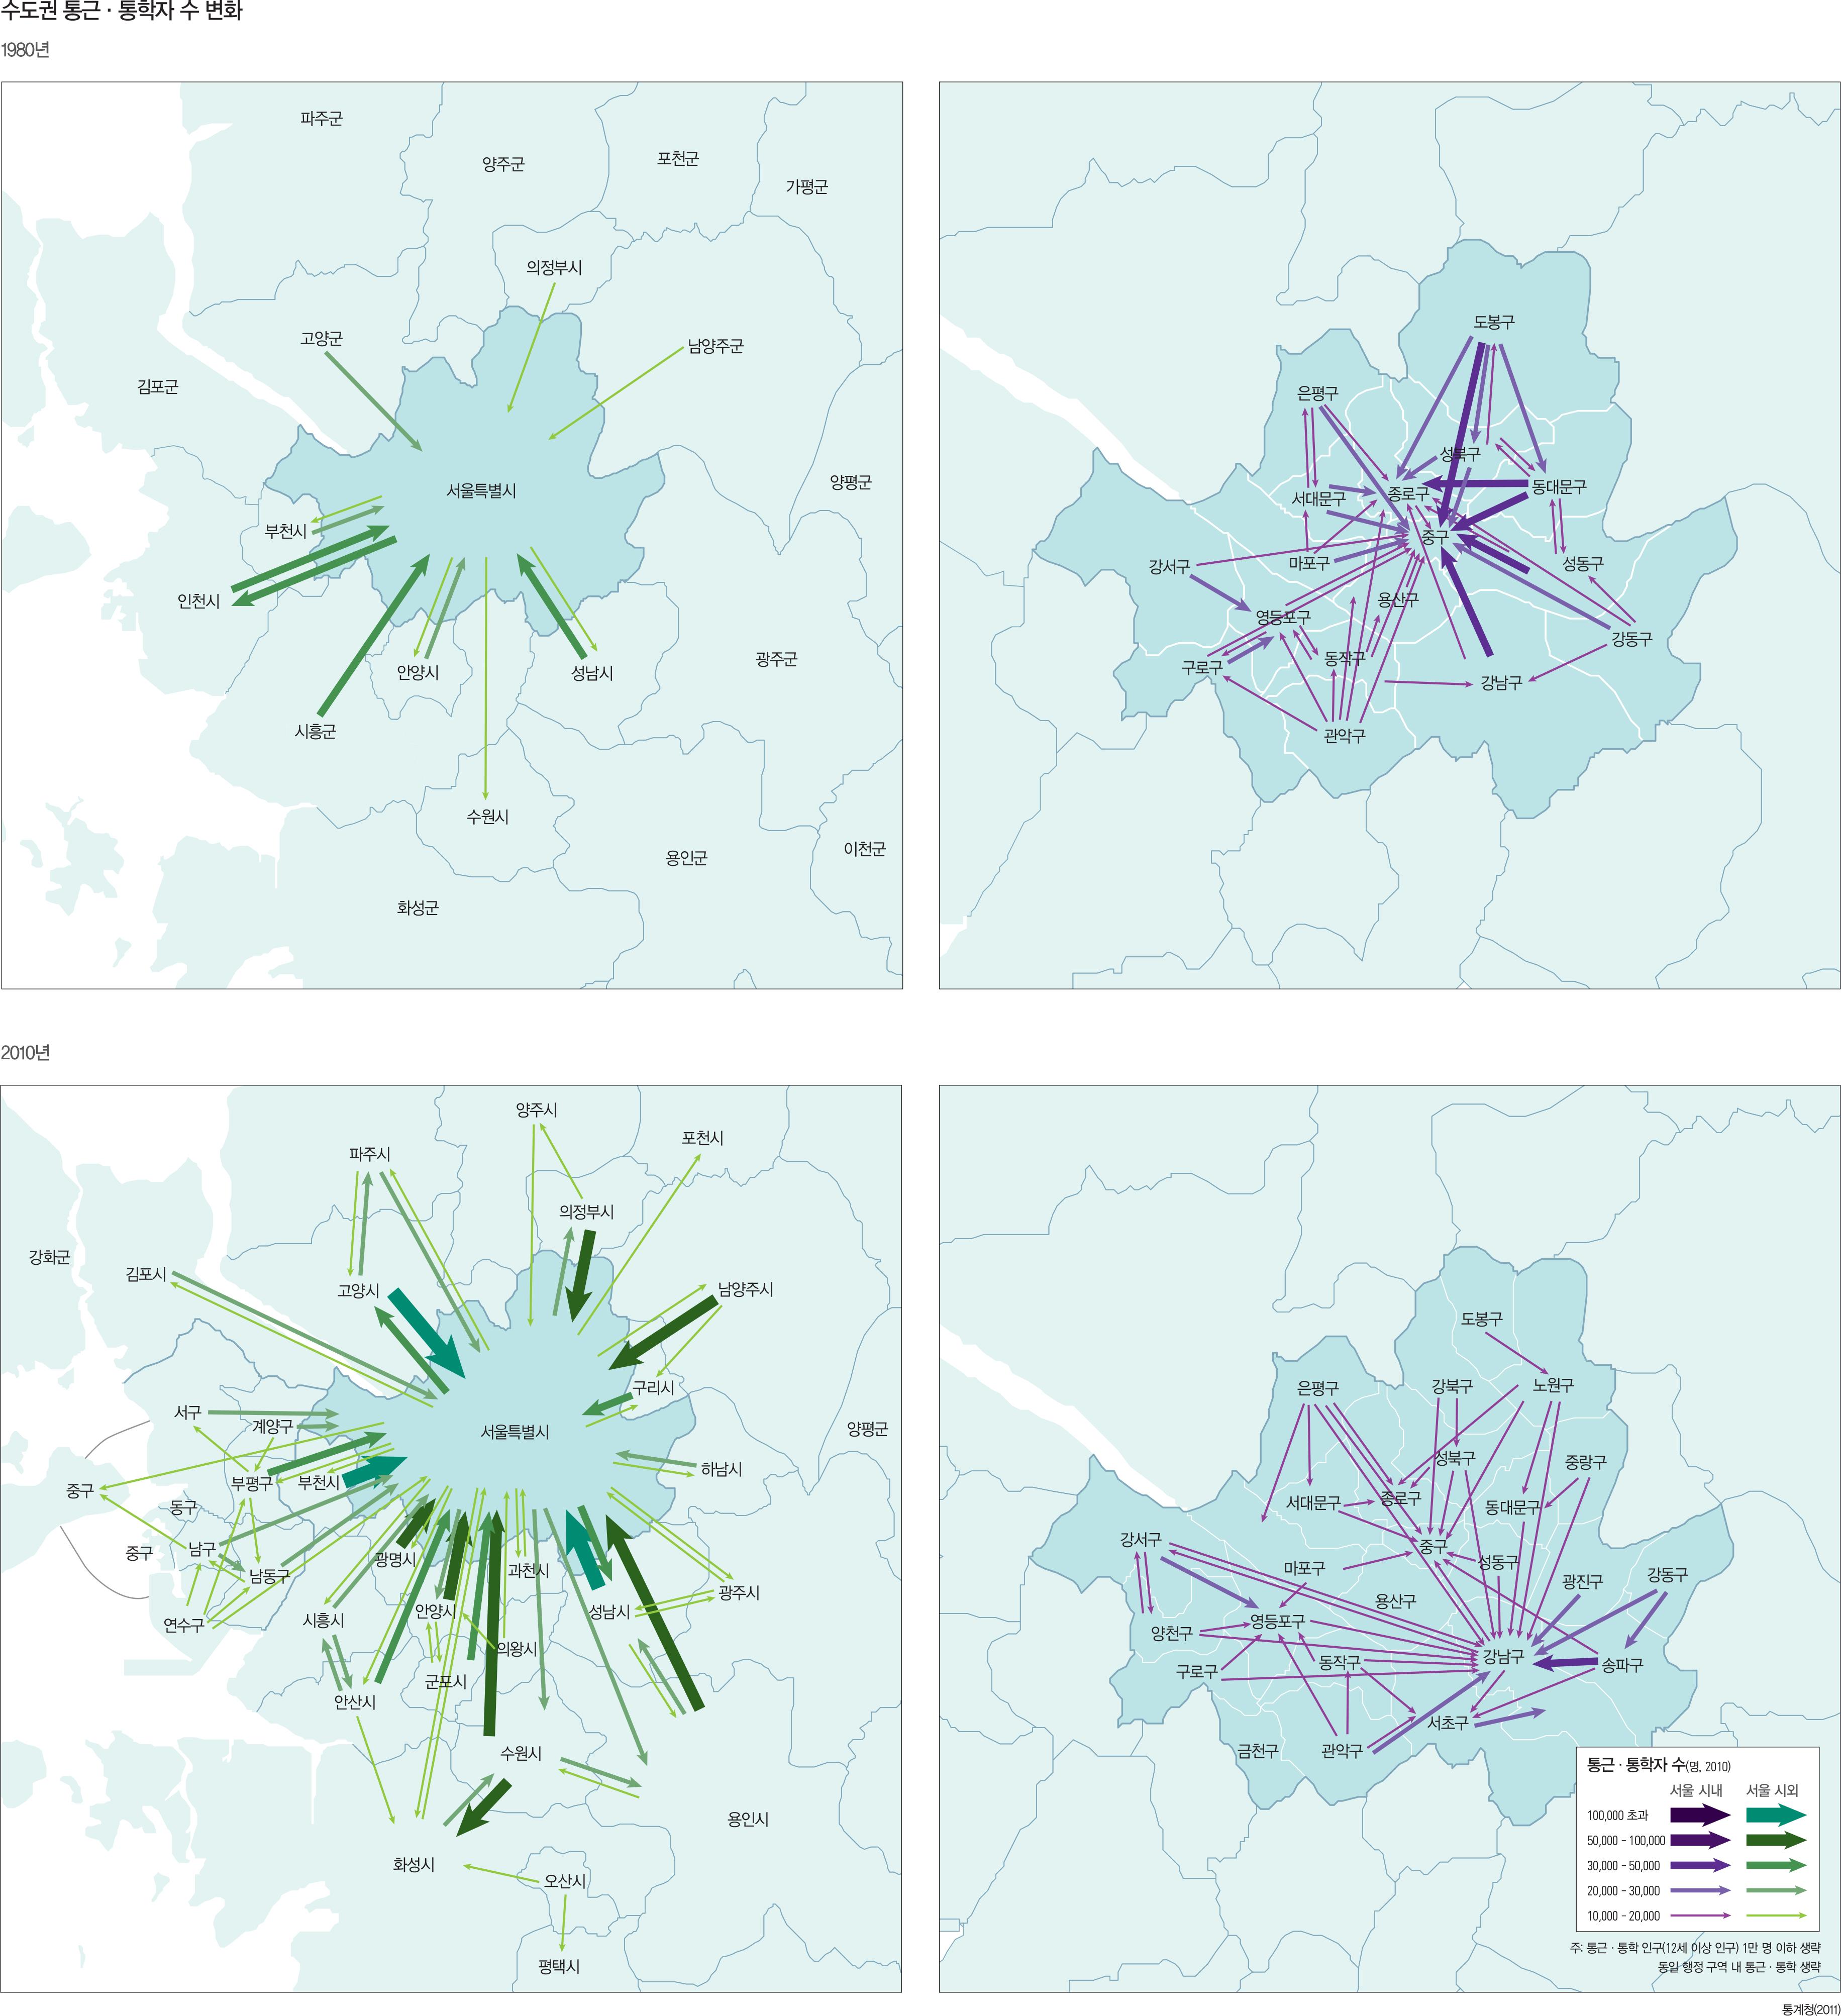 수도권 통근·통학자 수 변화